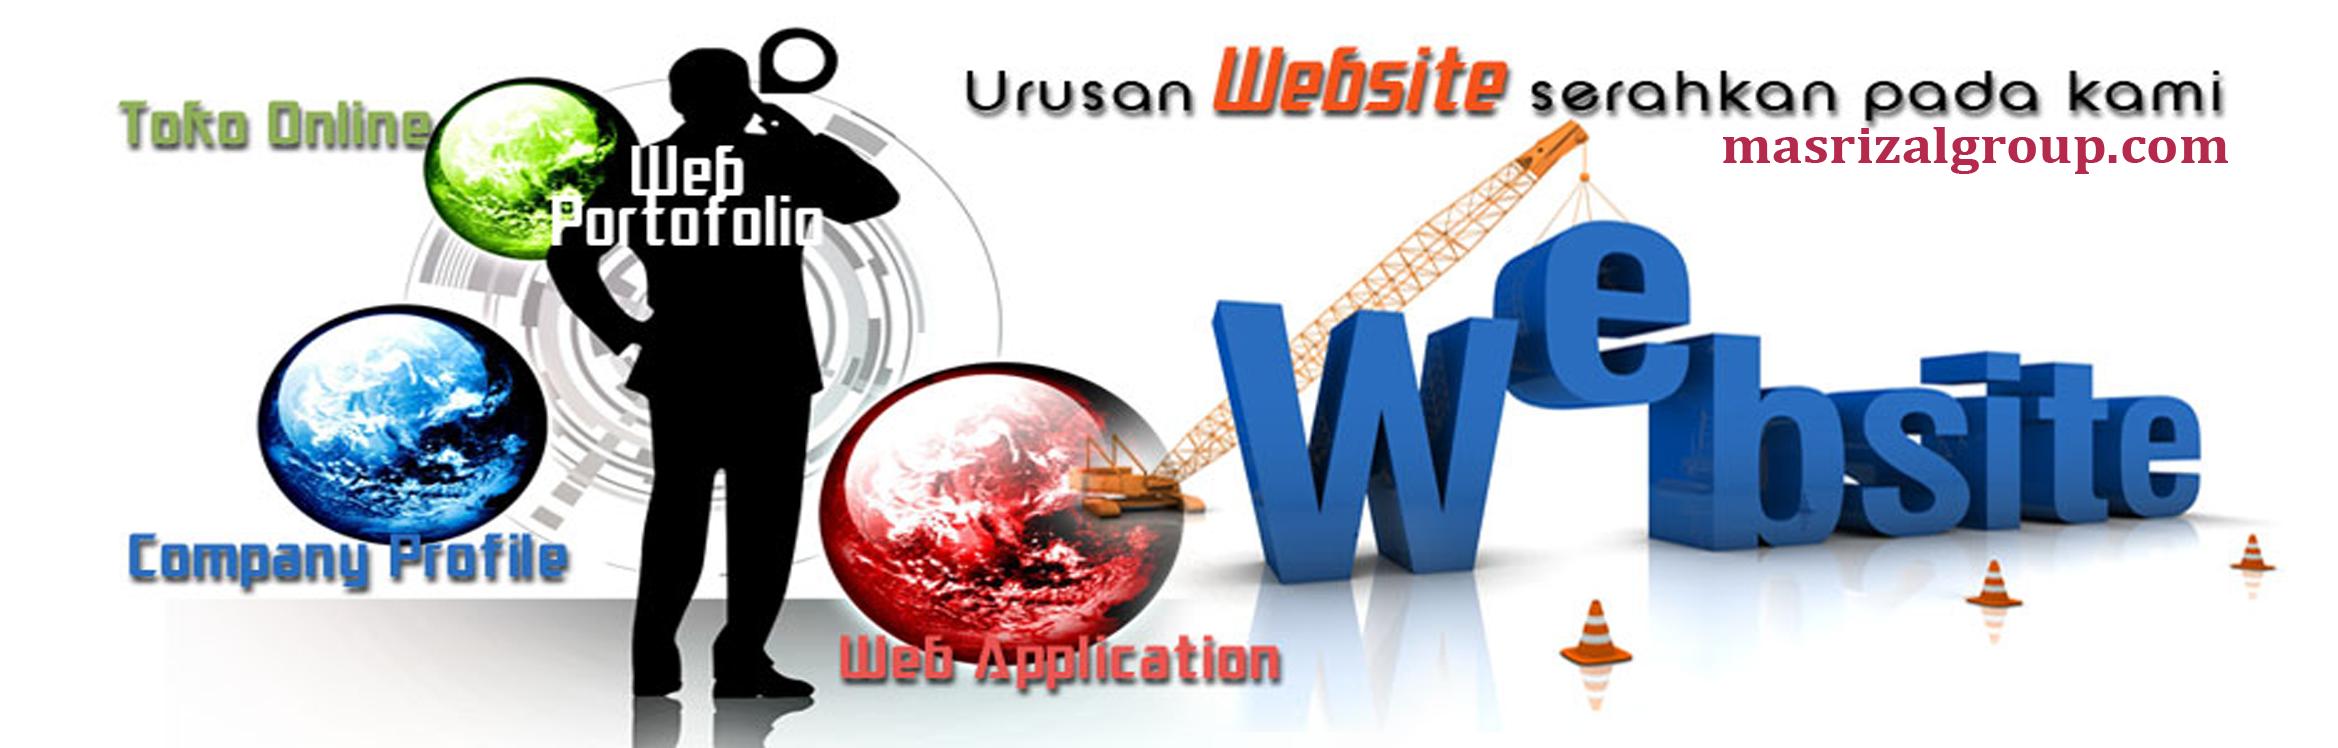 masrizalgroup.com | Jasa Pembuatan Website dan Penjualan Source Code PHP